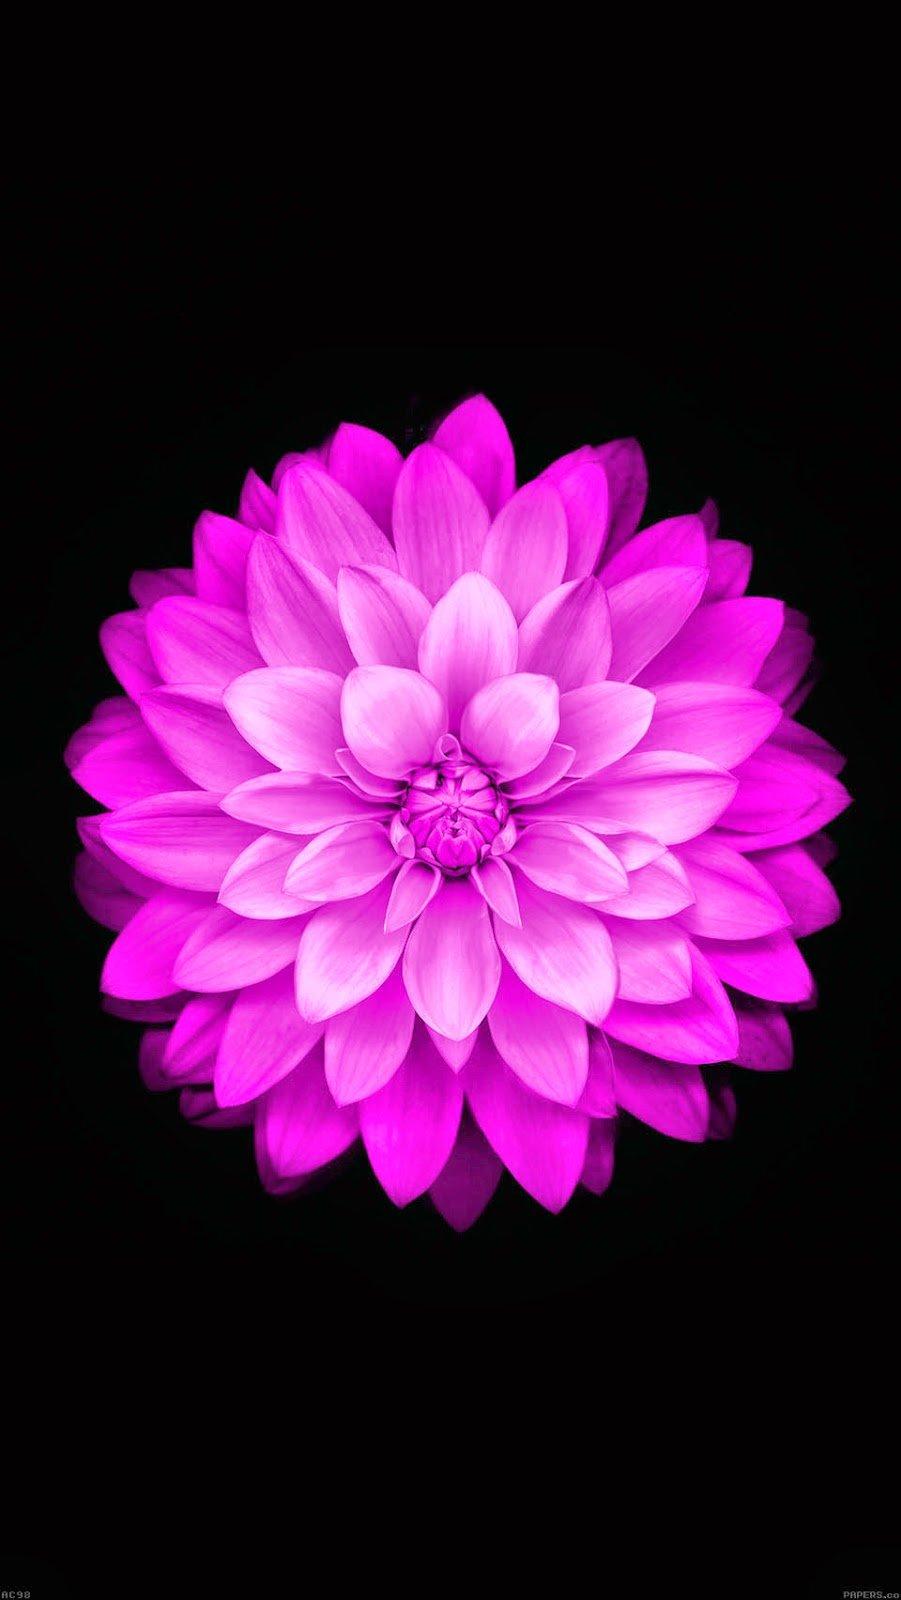 wallpaper apple red lotus iphone6 plus ios8 flower 18 wallpaperjpg 901x1600